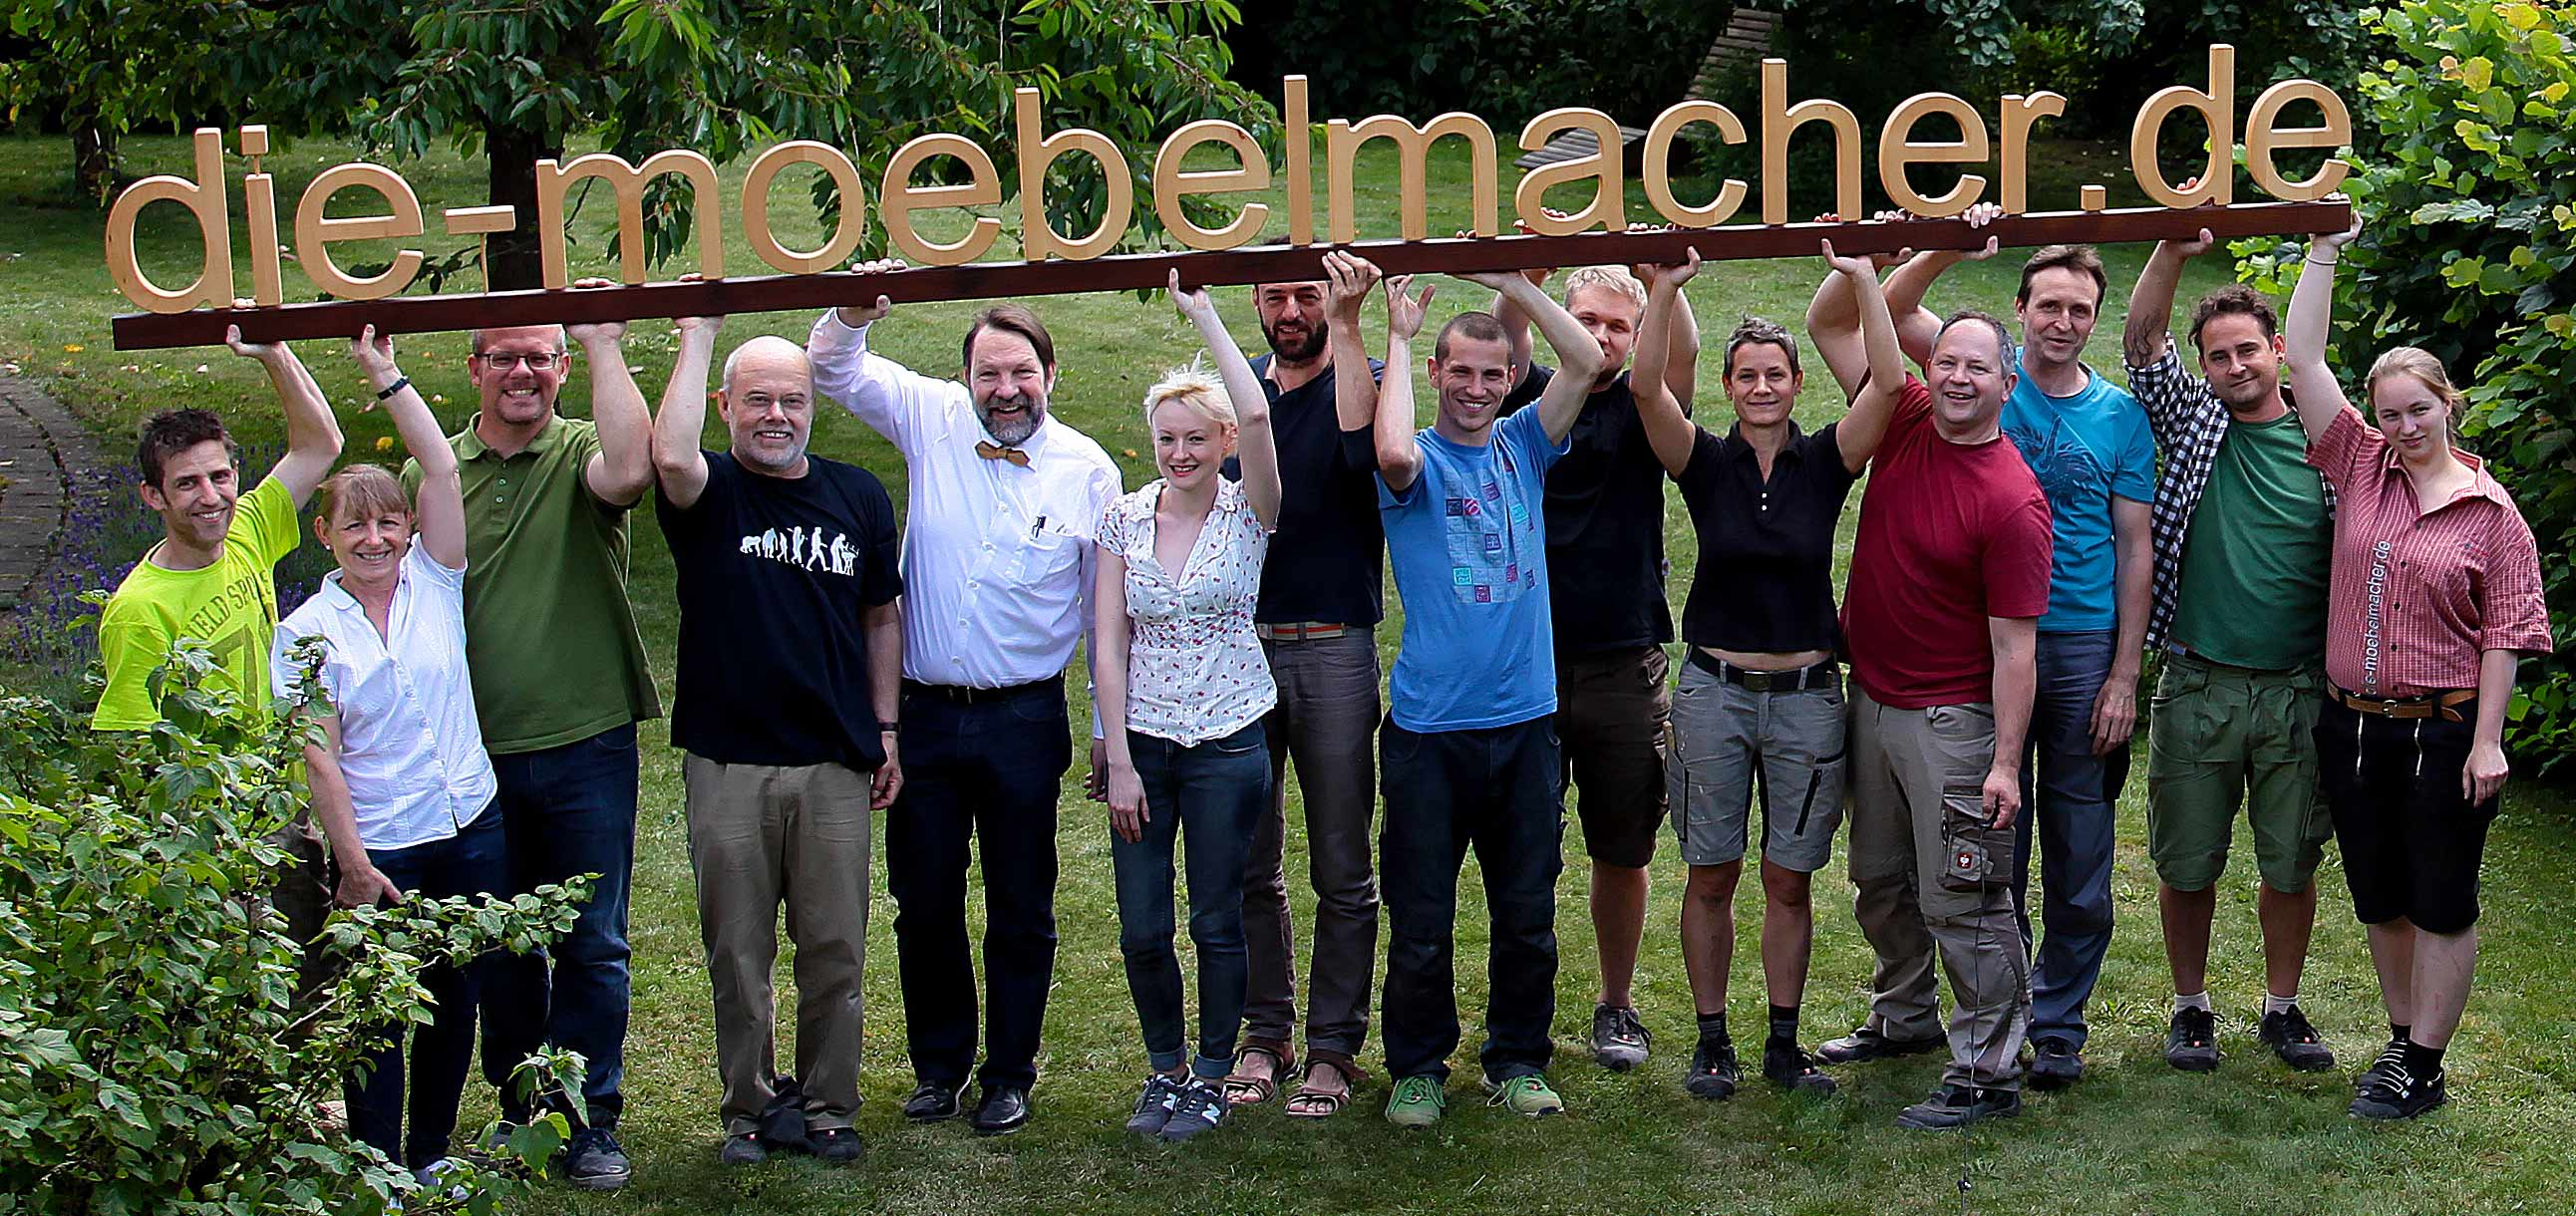 Firma die m belmacher - Die mobelmacher ...